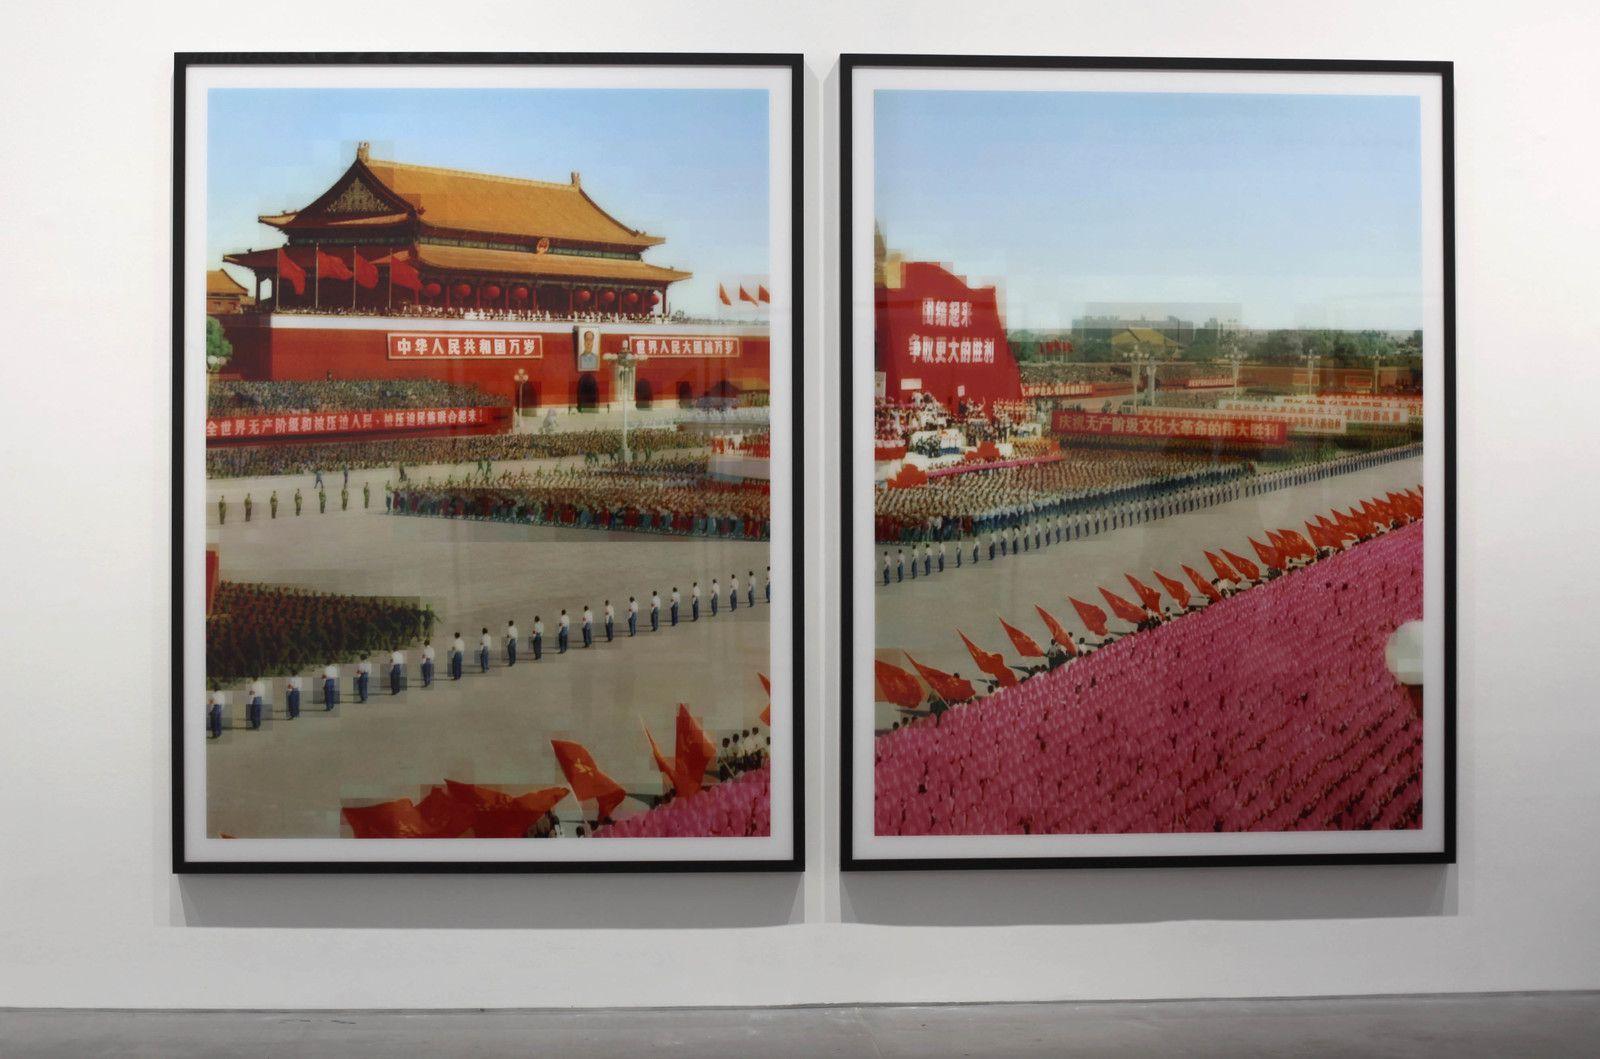 """""""Tableau Chinois"""" 2019 de Thomas RUFF - Courtesy de l'artiste et de la Galerie David Zwirner"""